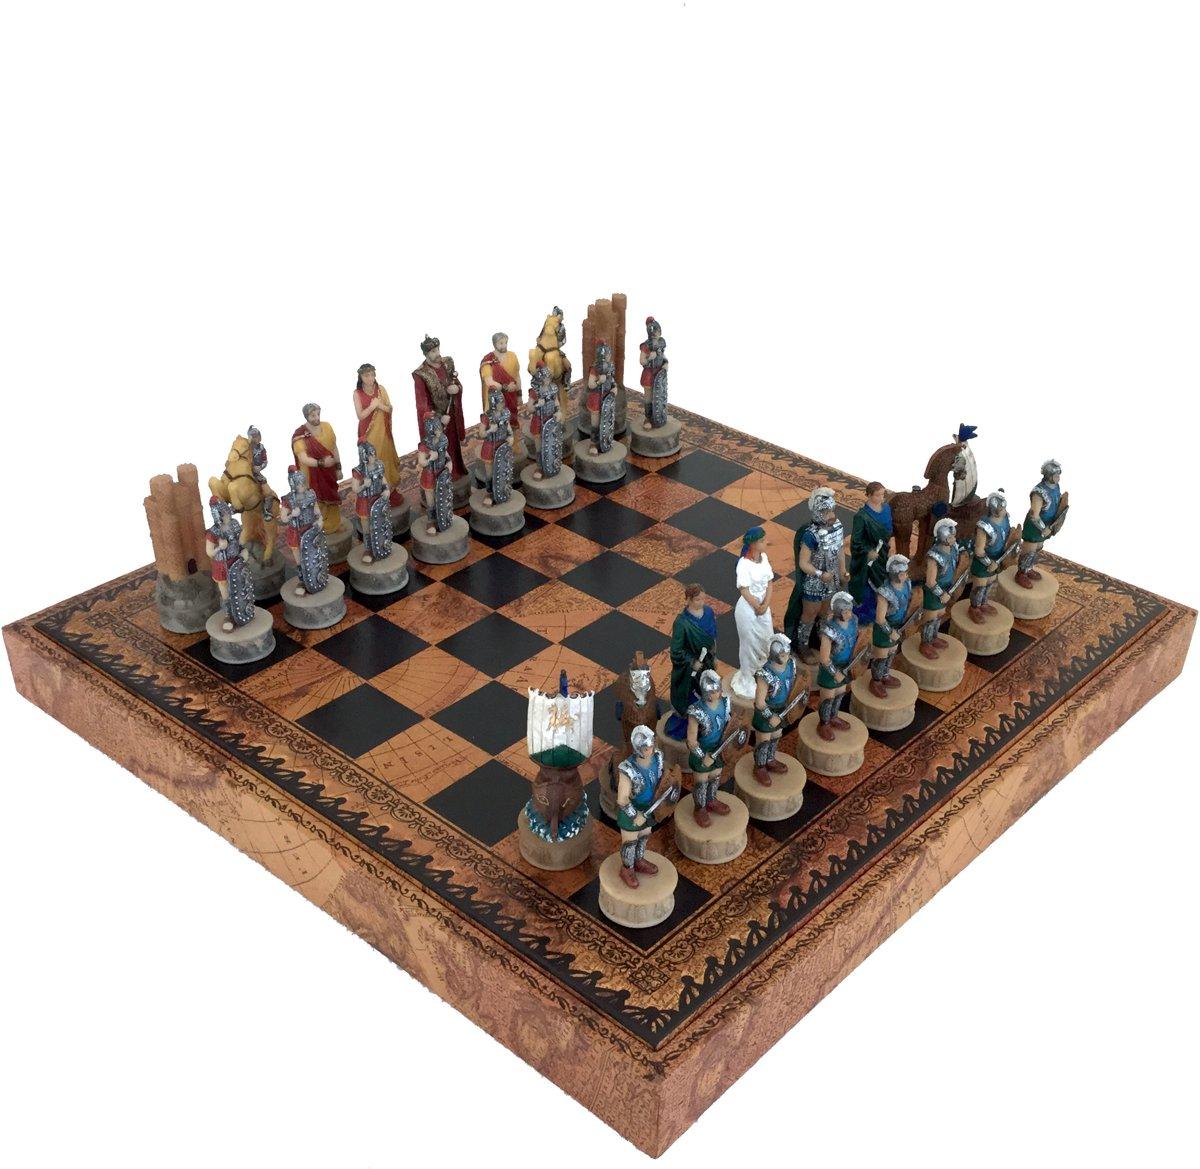 Luxe schaakset - Handbeschilderde Trojaanse schaakstukken + schaakbord en opbergbox in een met wereldkaartprint (+ backgammon) - 35 x 35 cm